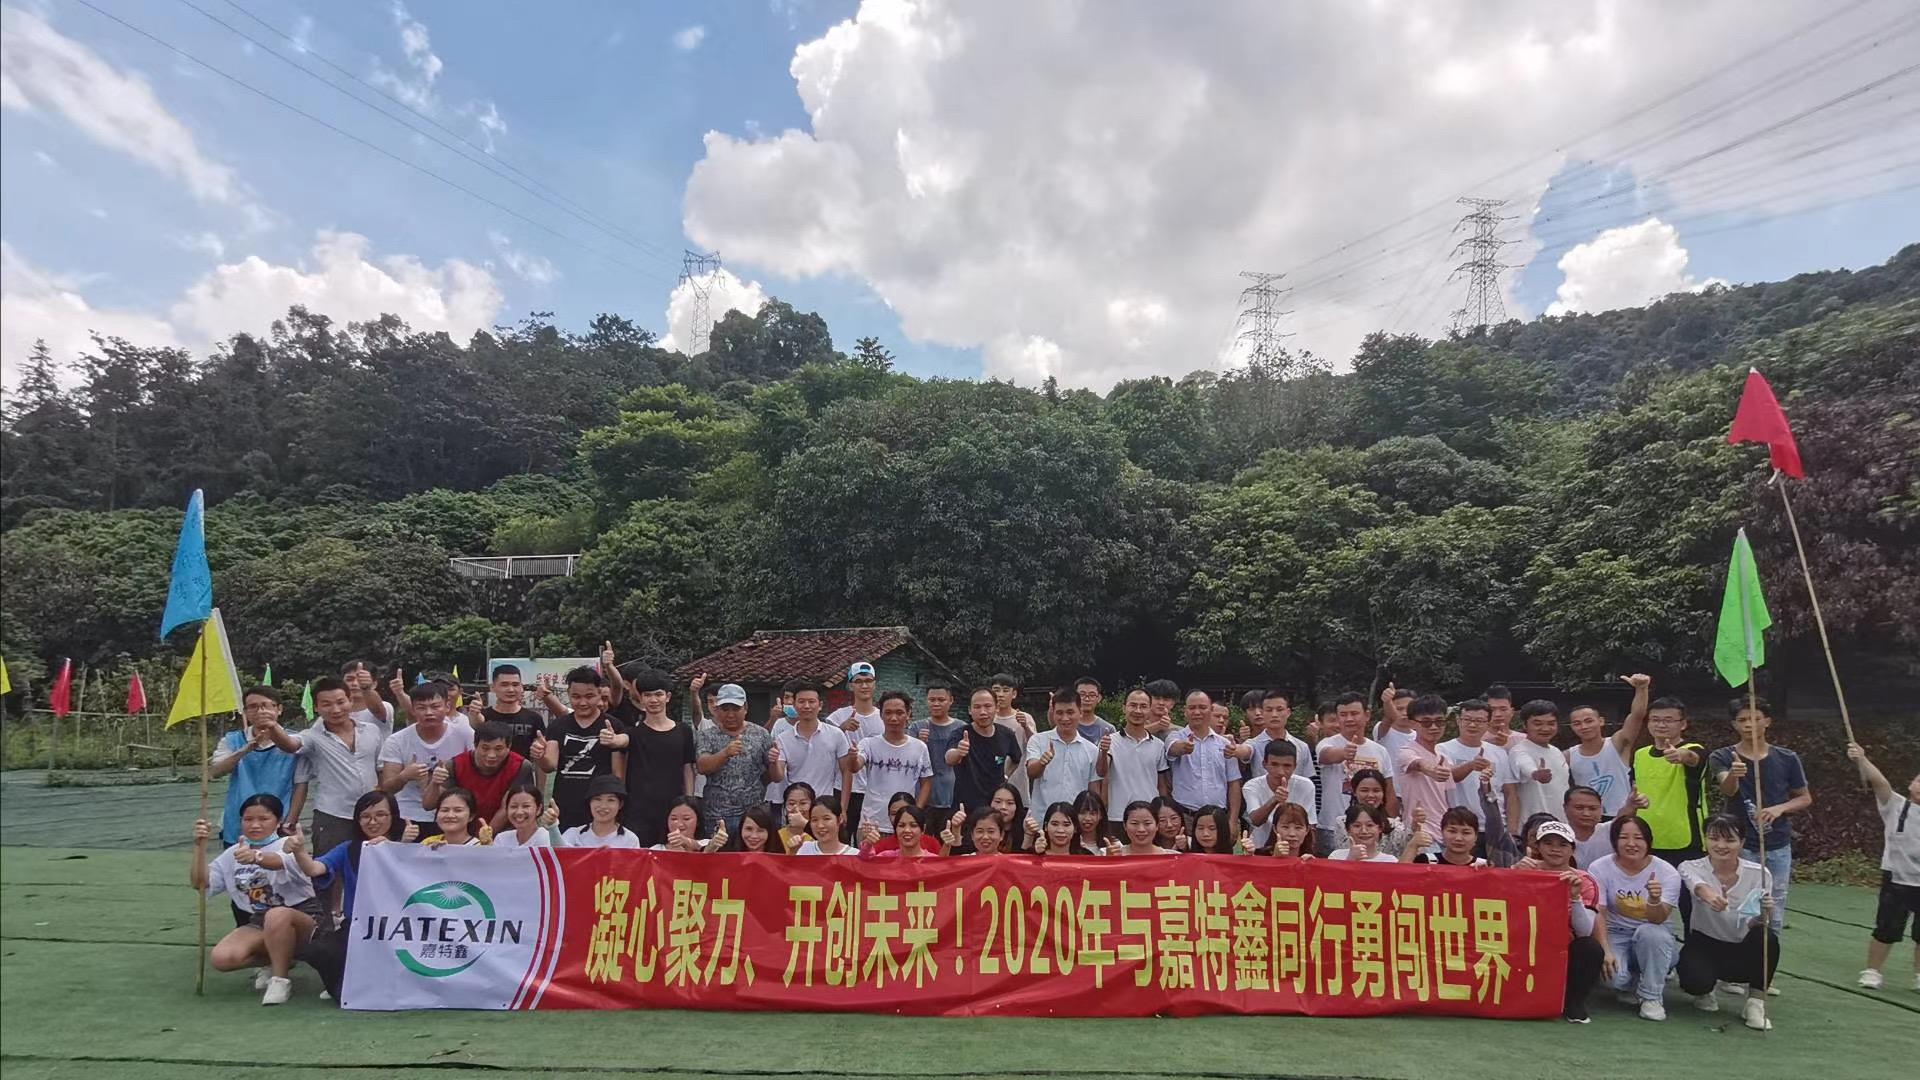 深圳公司拓展活动在乐湖生态园合影